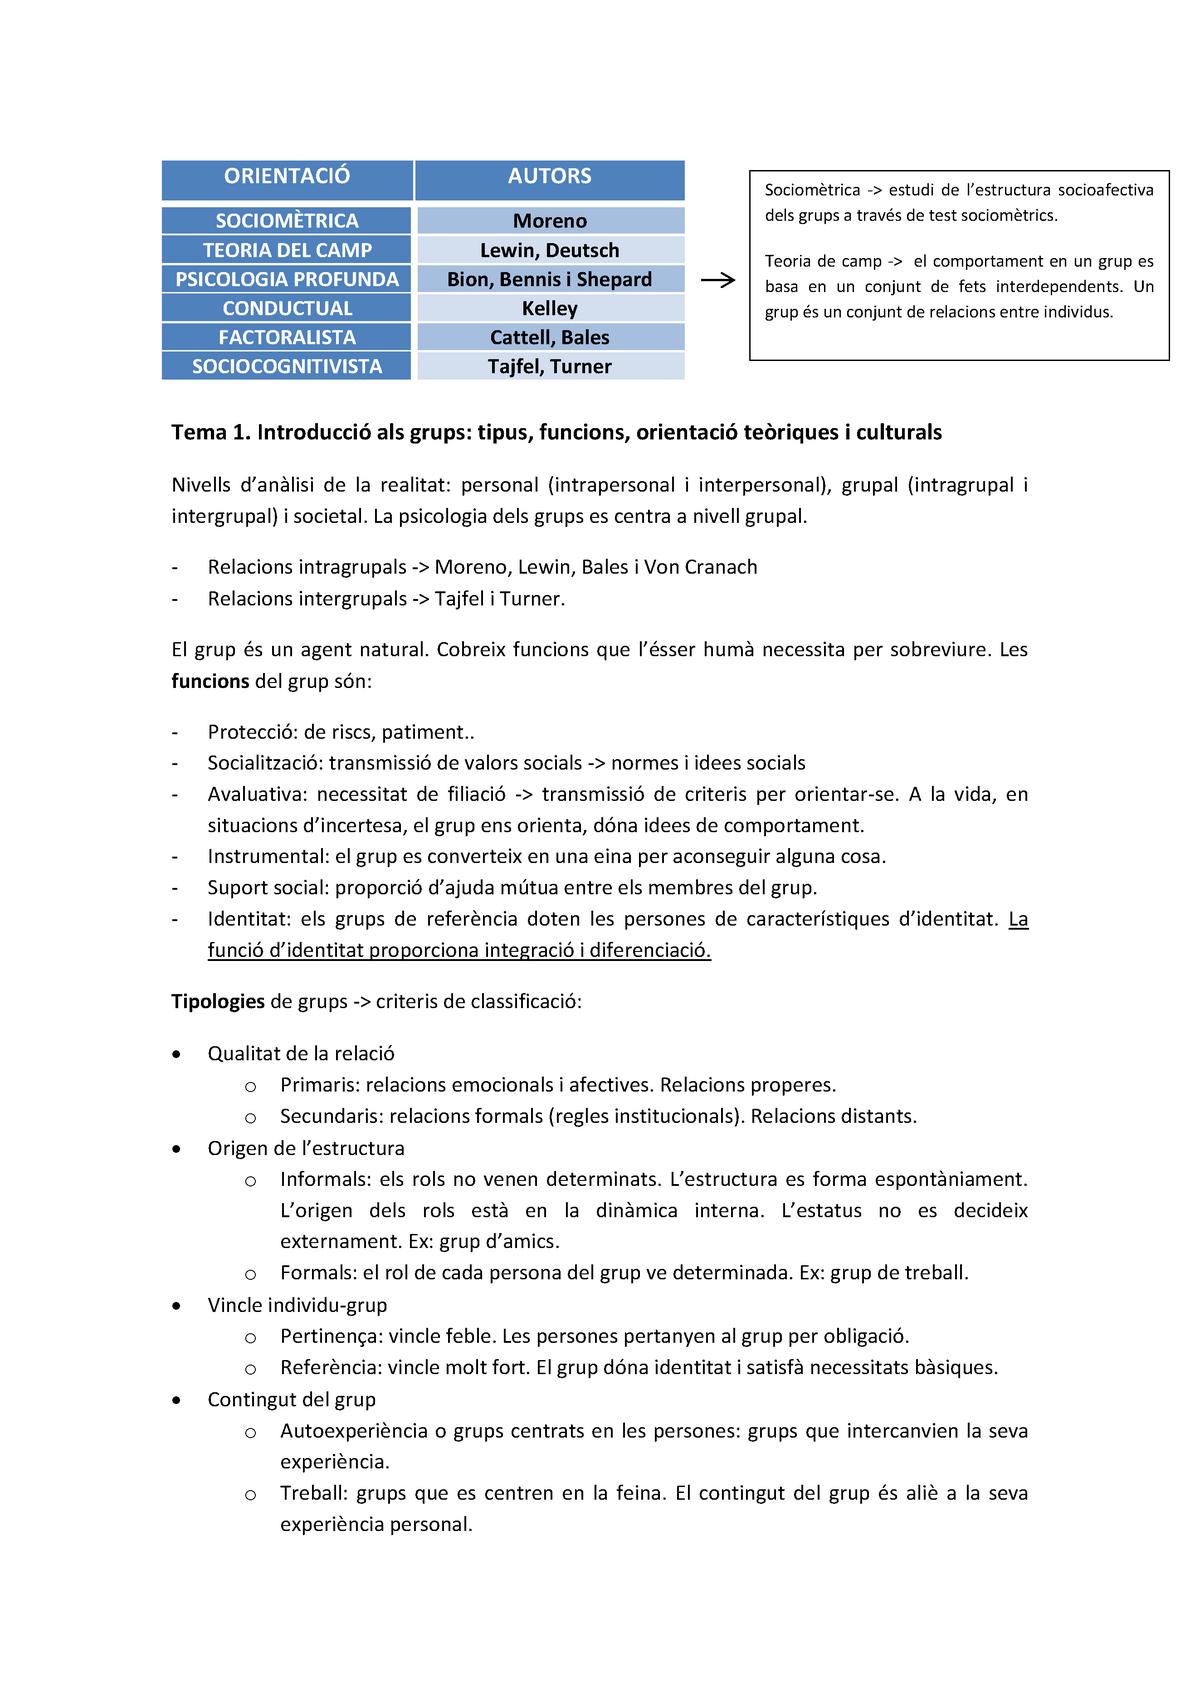 Introducció A La Psicologia Dels Grups Tema 1 361063 Ub